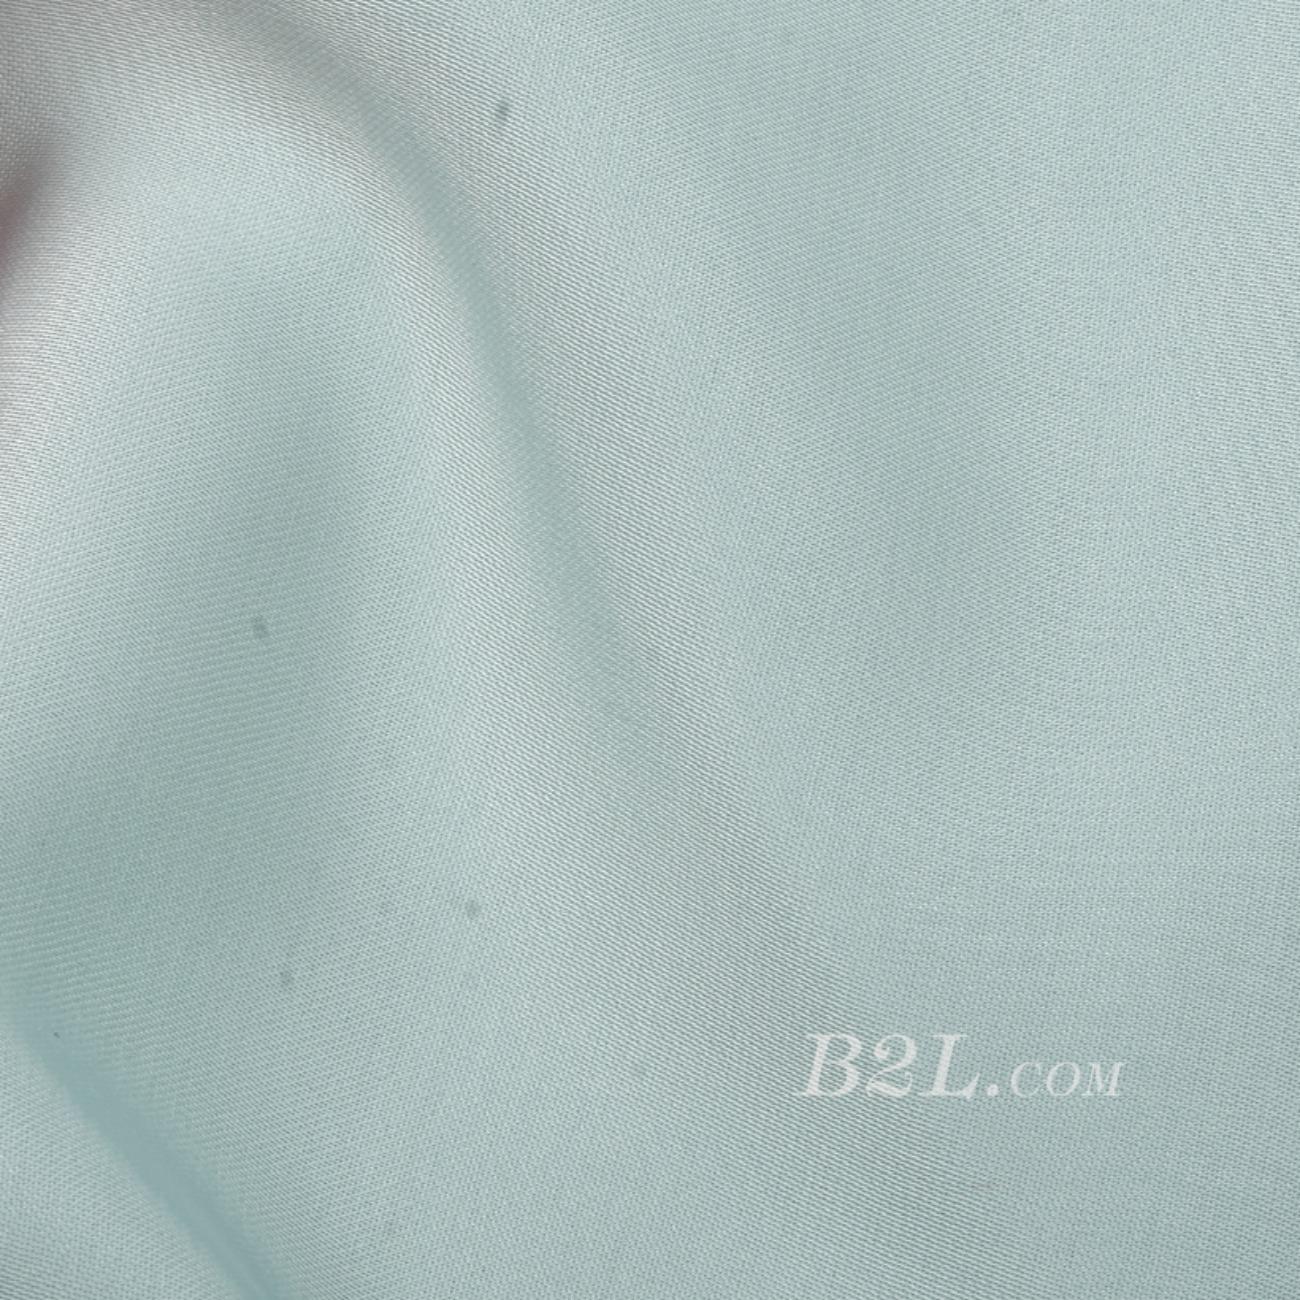 素色 梭织 染色 细腻 春夏 连衣裙 T恤 时装 91018-2